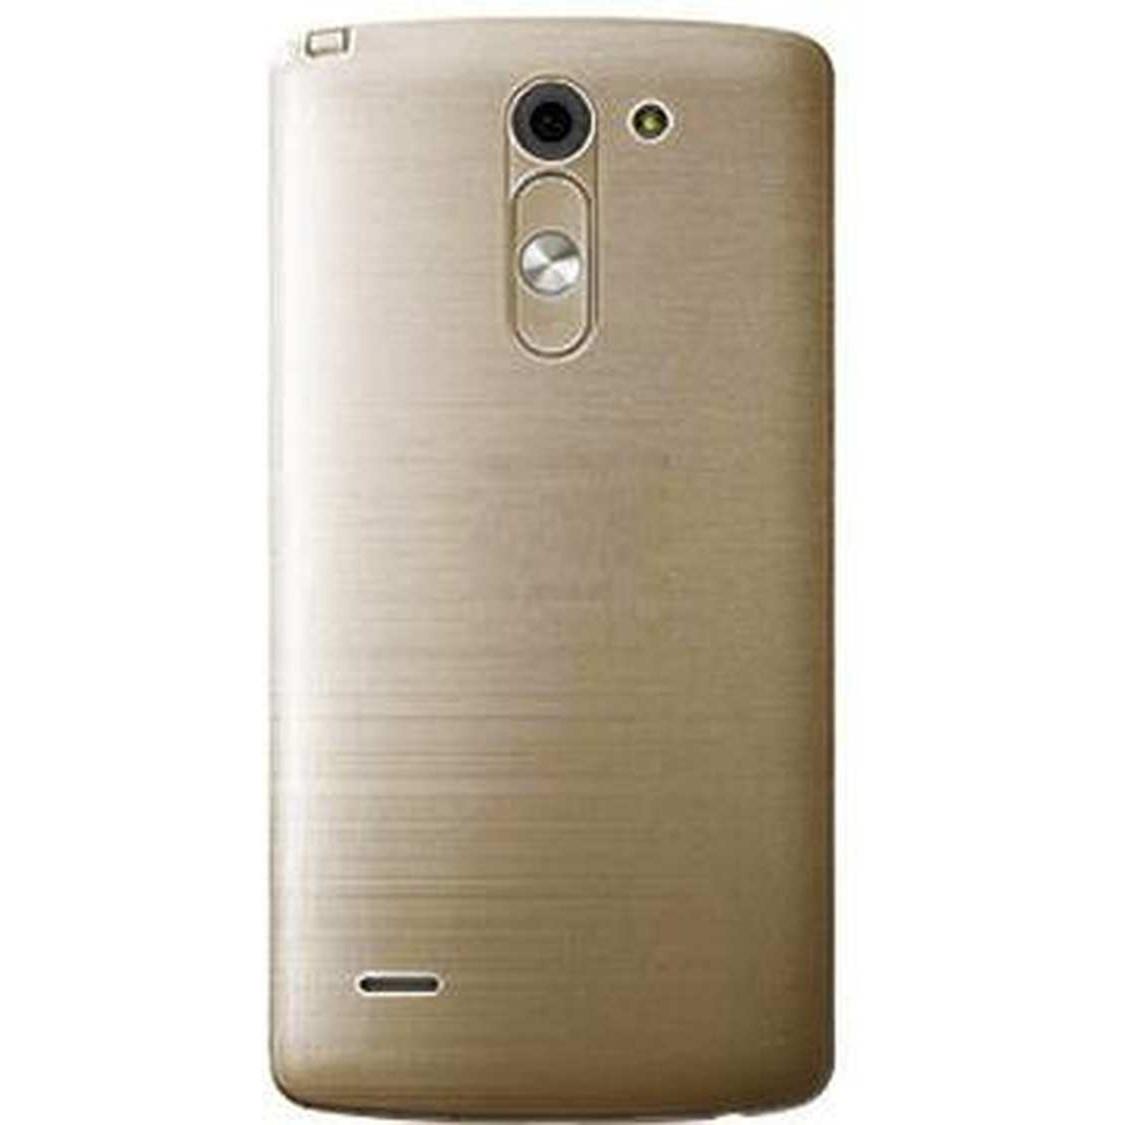 Back Panel Cover For LG G2 Lite D295